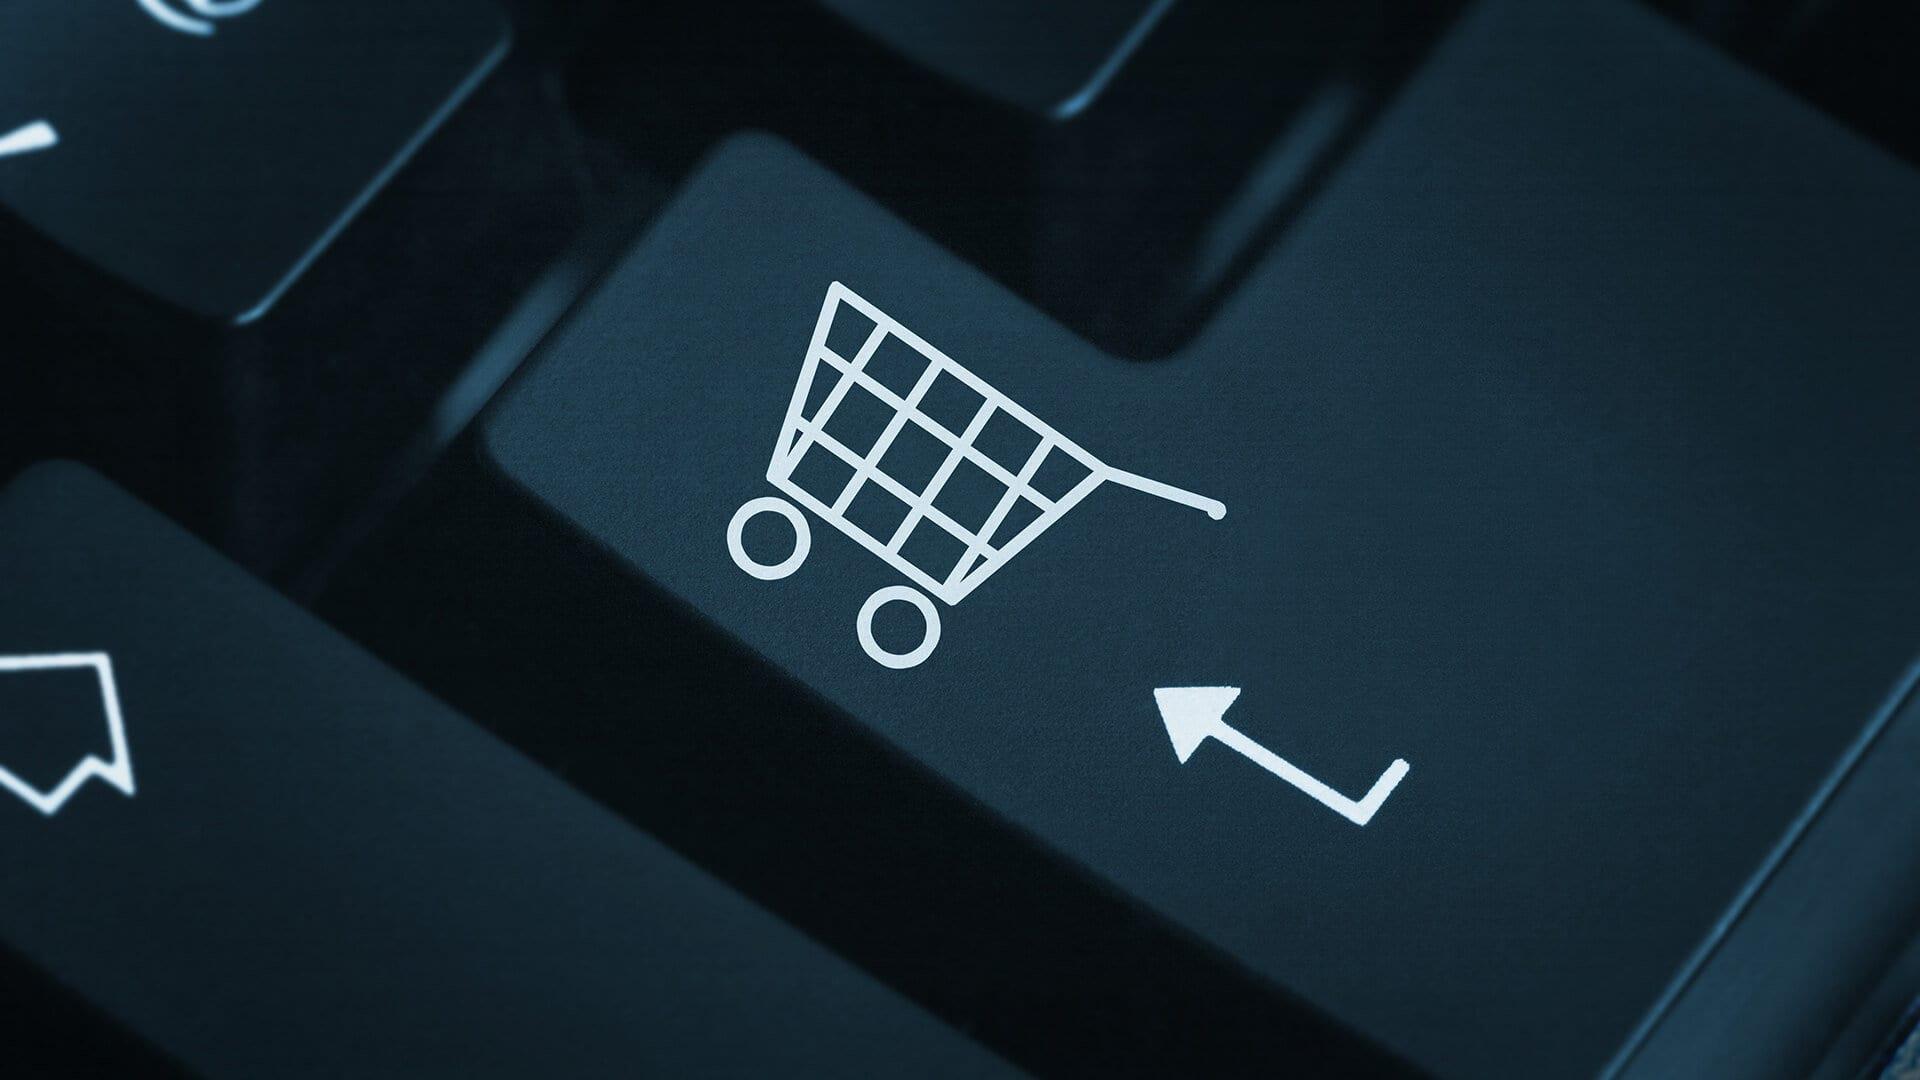 En comparación con otros países europeos, el mercado español en línea se ha desarrollado con relativa lentitud. Como no se puede clasificar como maduro, es un destino atractivo para los vendedores internacionales en línea.